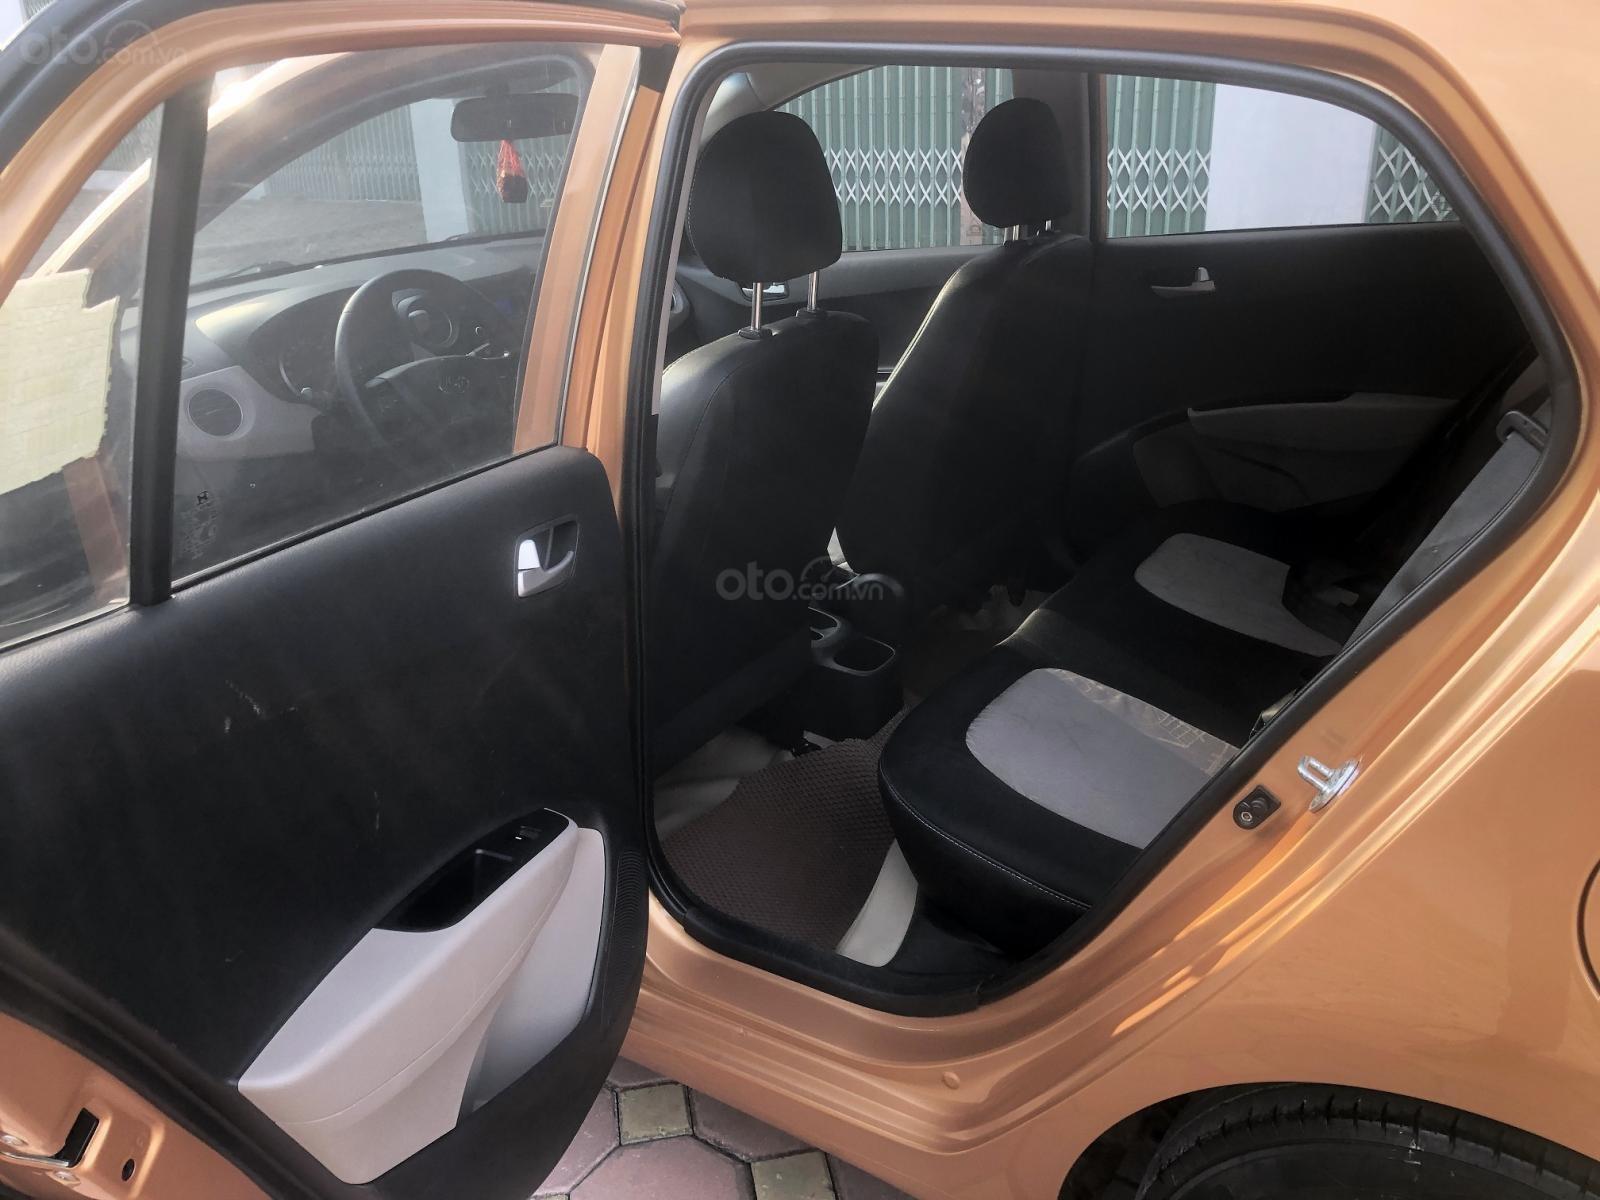 Bán xe Hyundai Grand i10 1.0 AT năm sản xuất 2015, màu cam, xe nhập Ấn Độ (7)